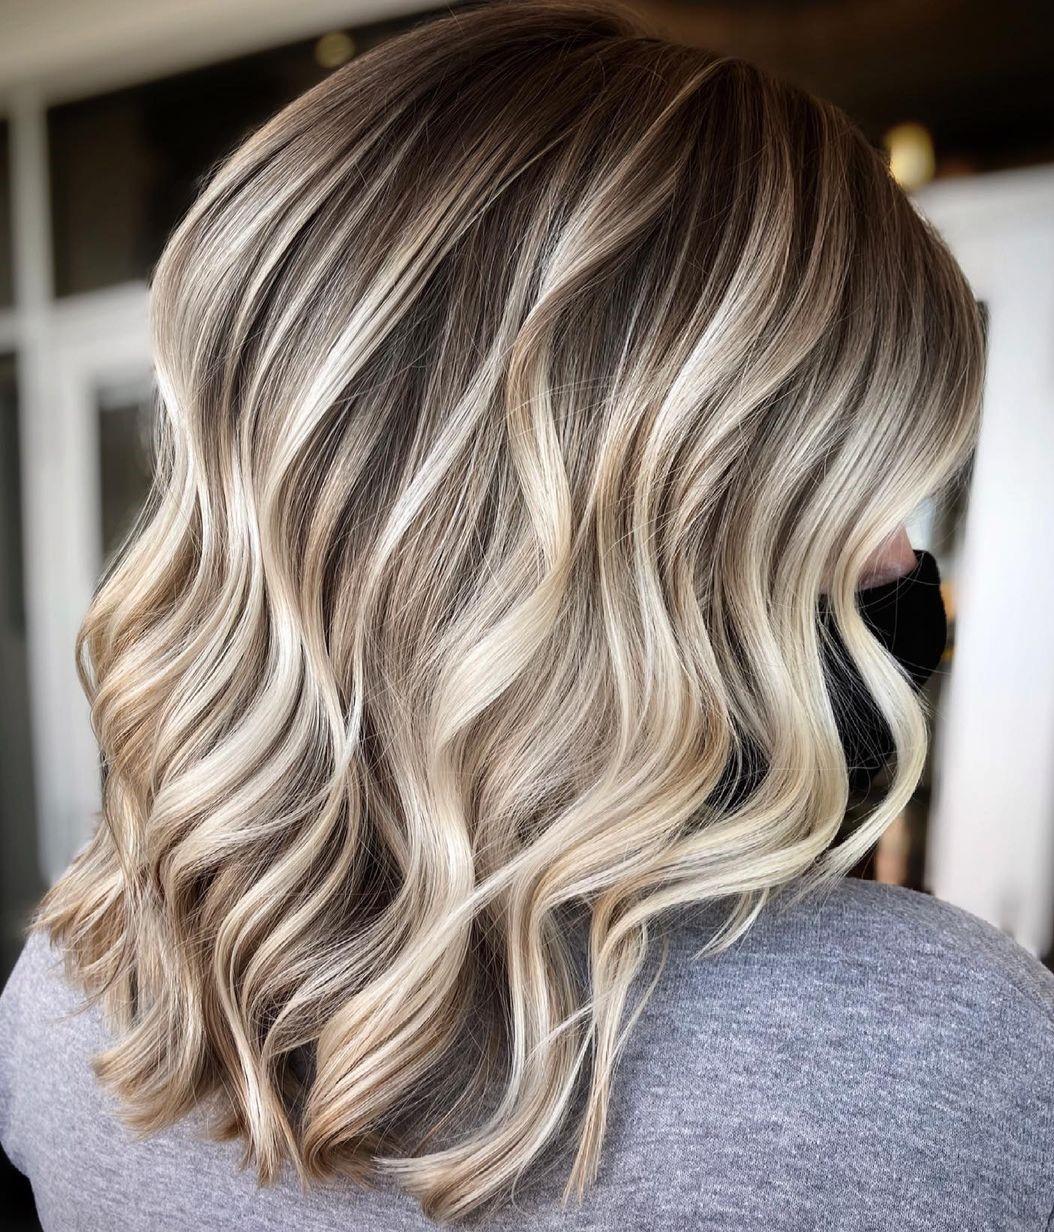 Cute Blonde Highlights for Dark Hair